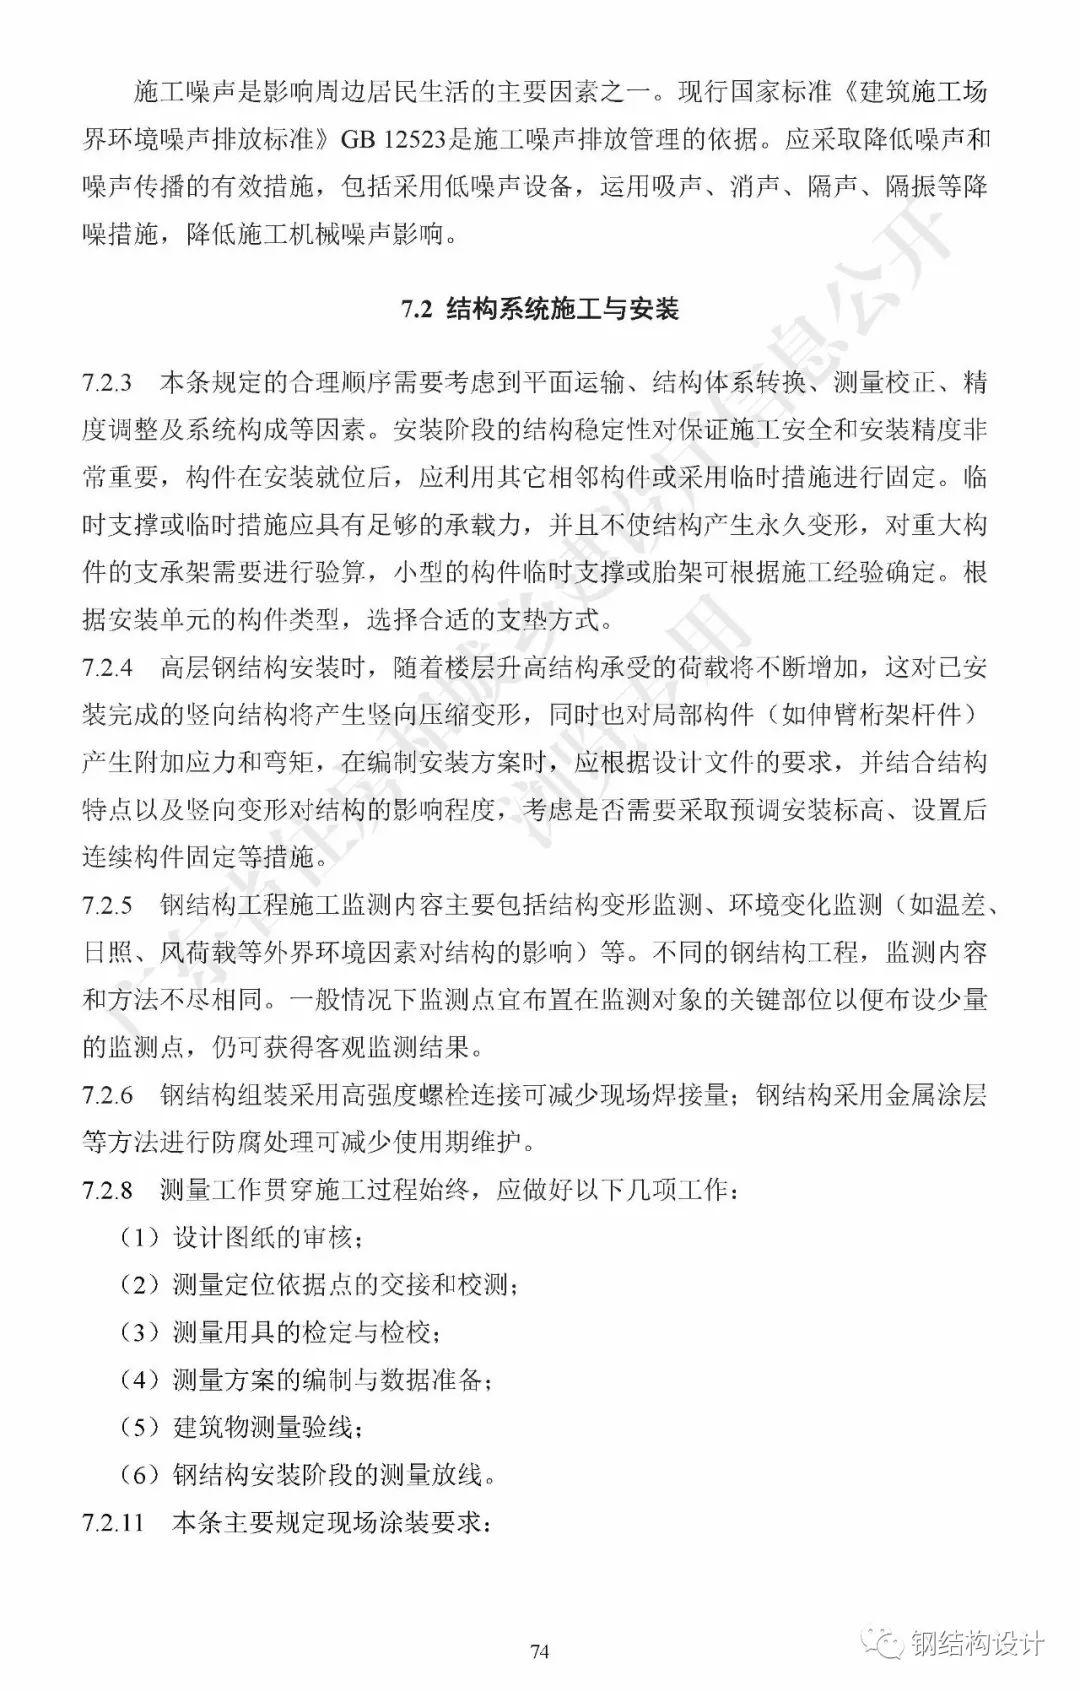 广东省《装配式钢结构建筑技术规程》发布_84